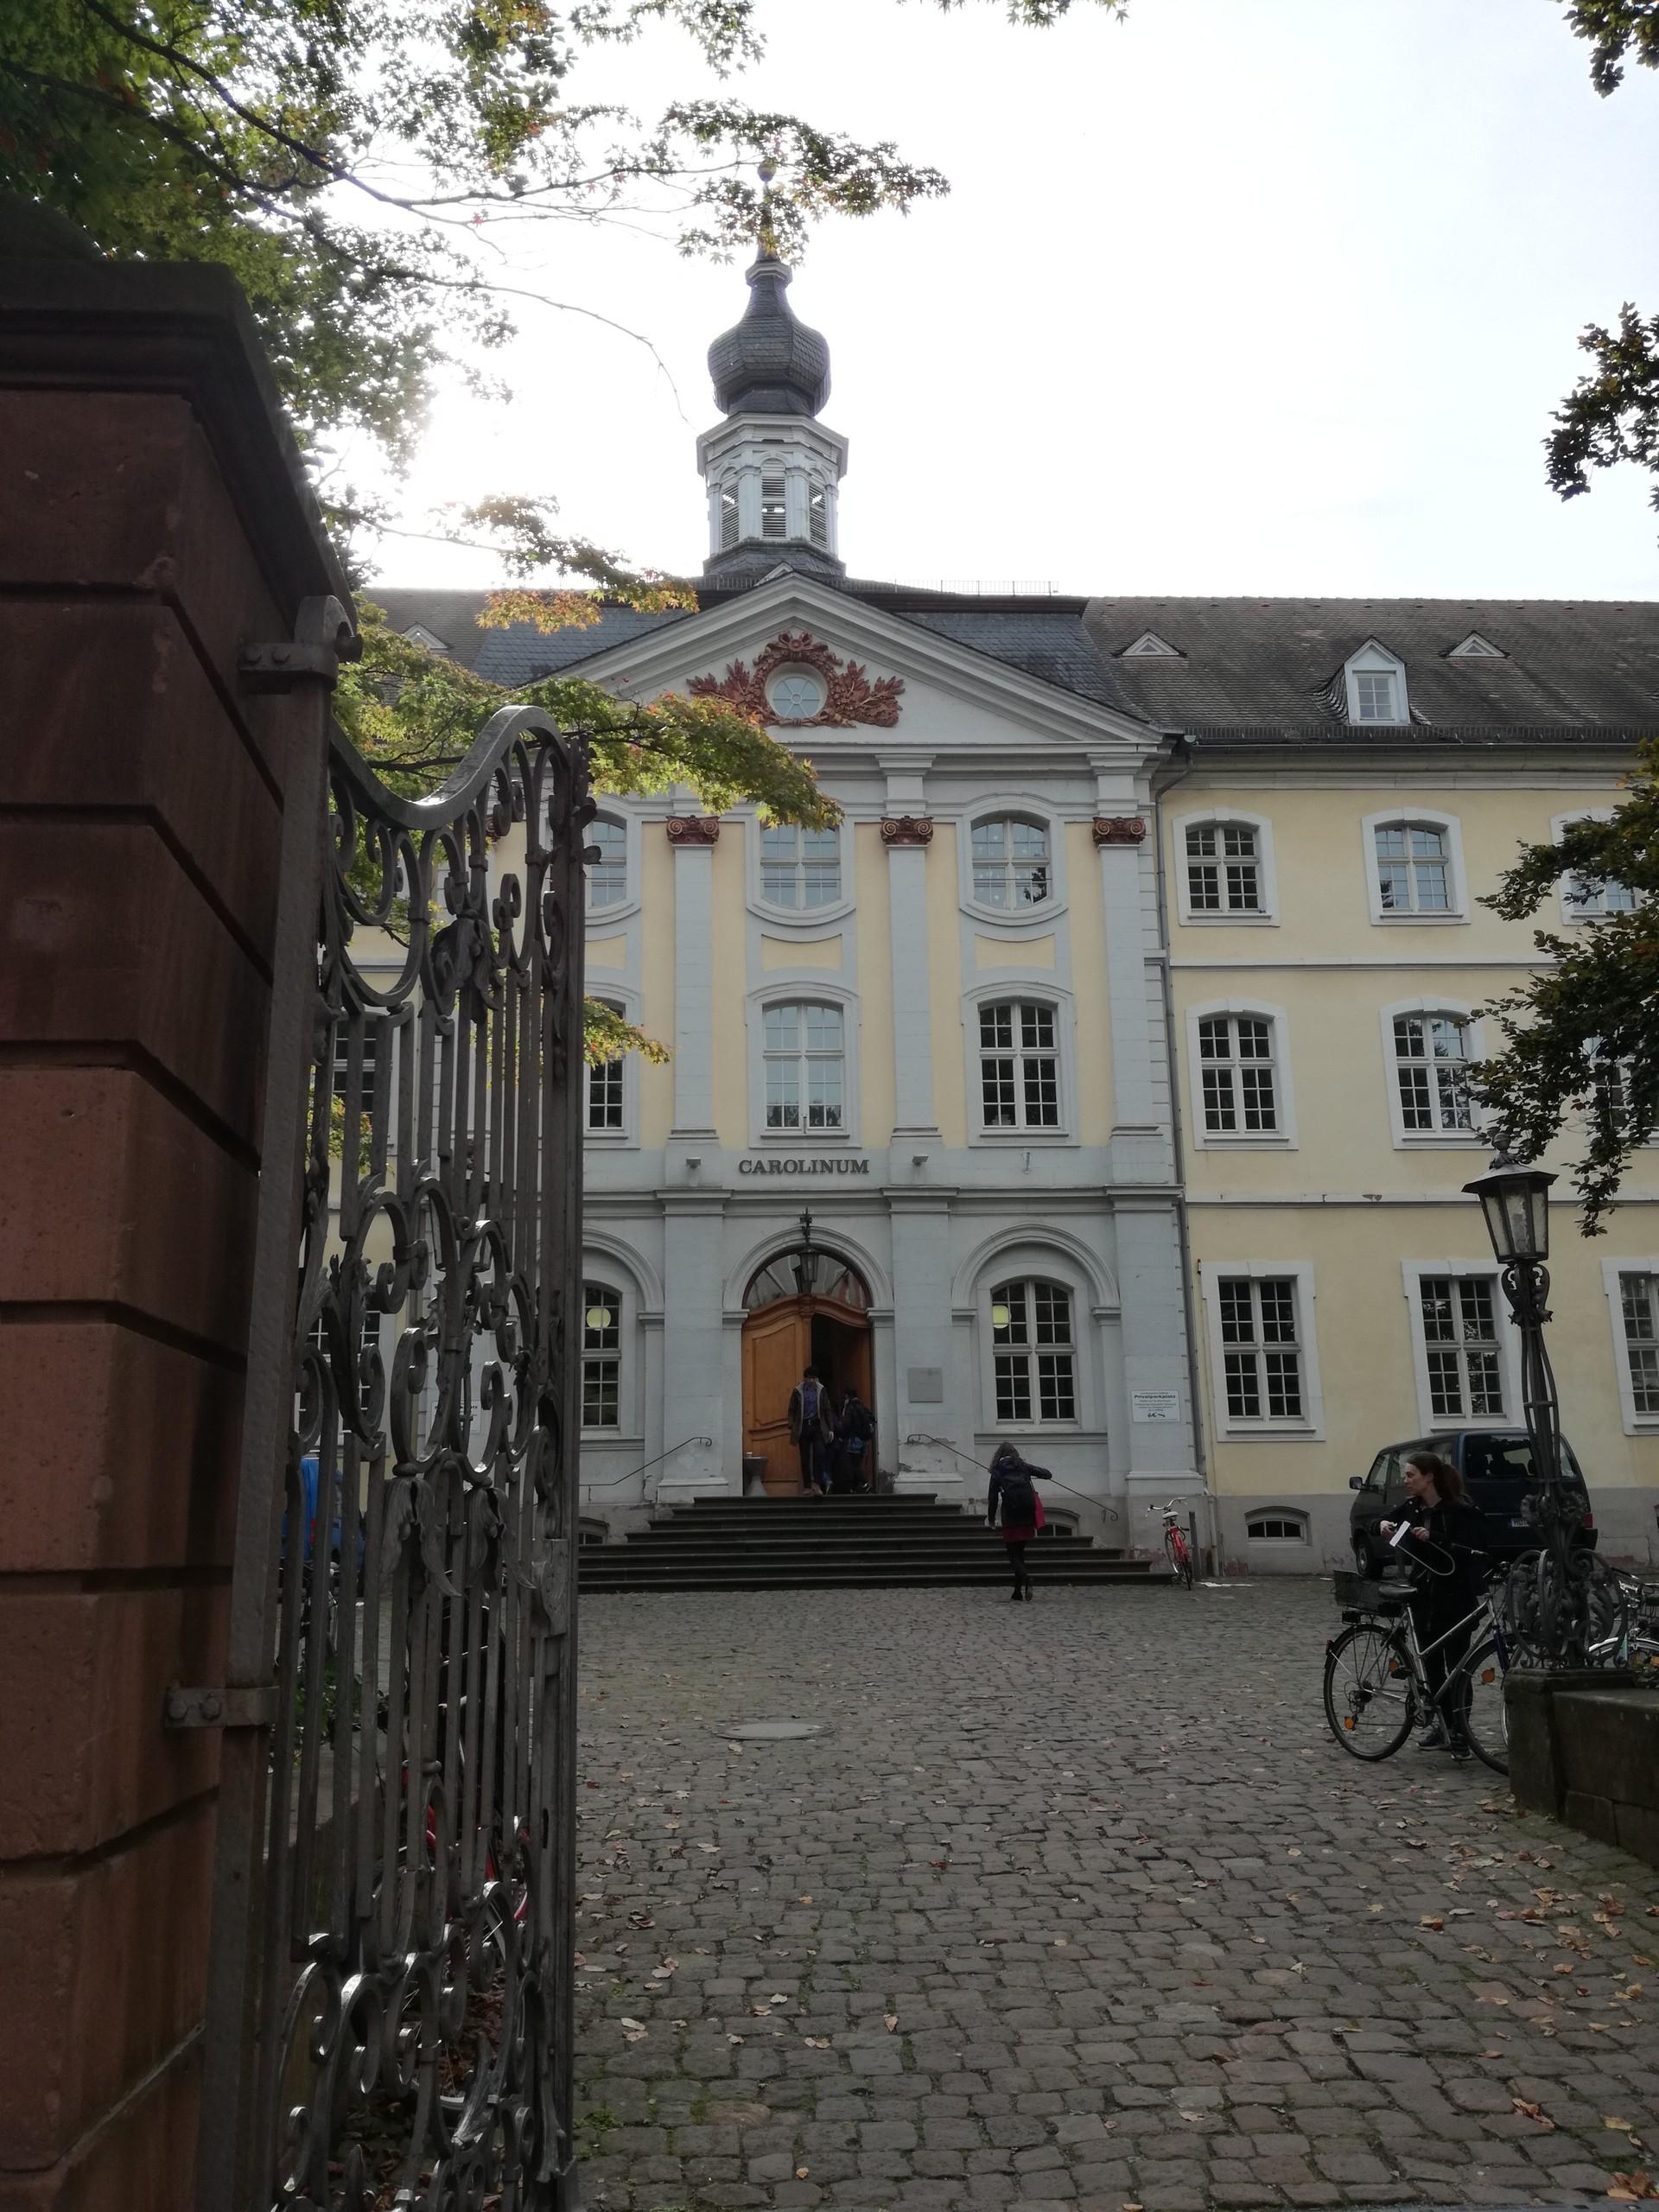 Ruprecht-Karls Universitaet: the oldest university in